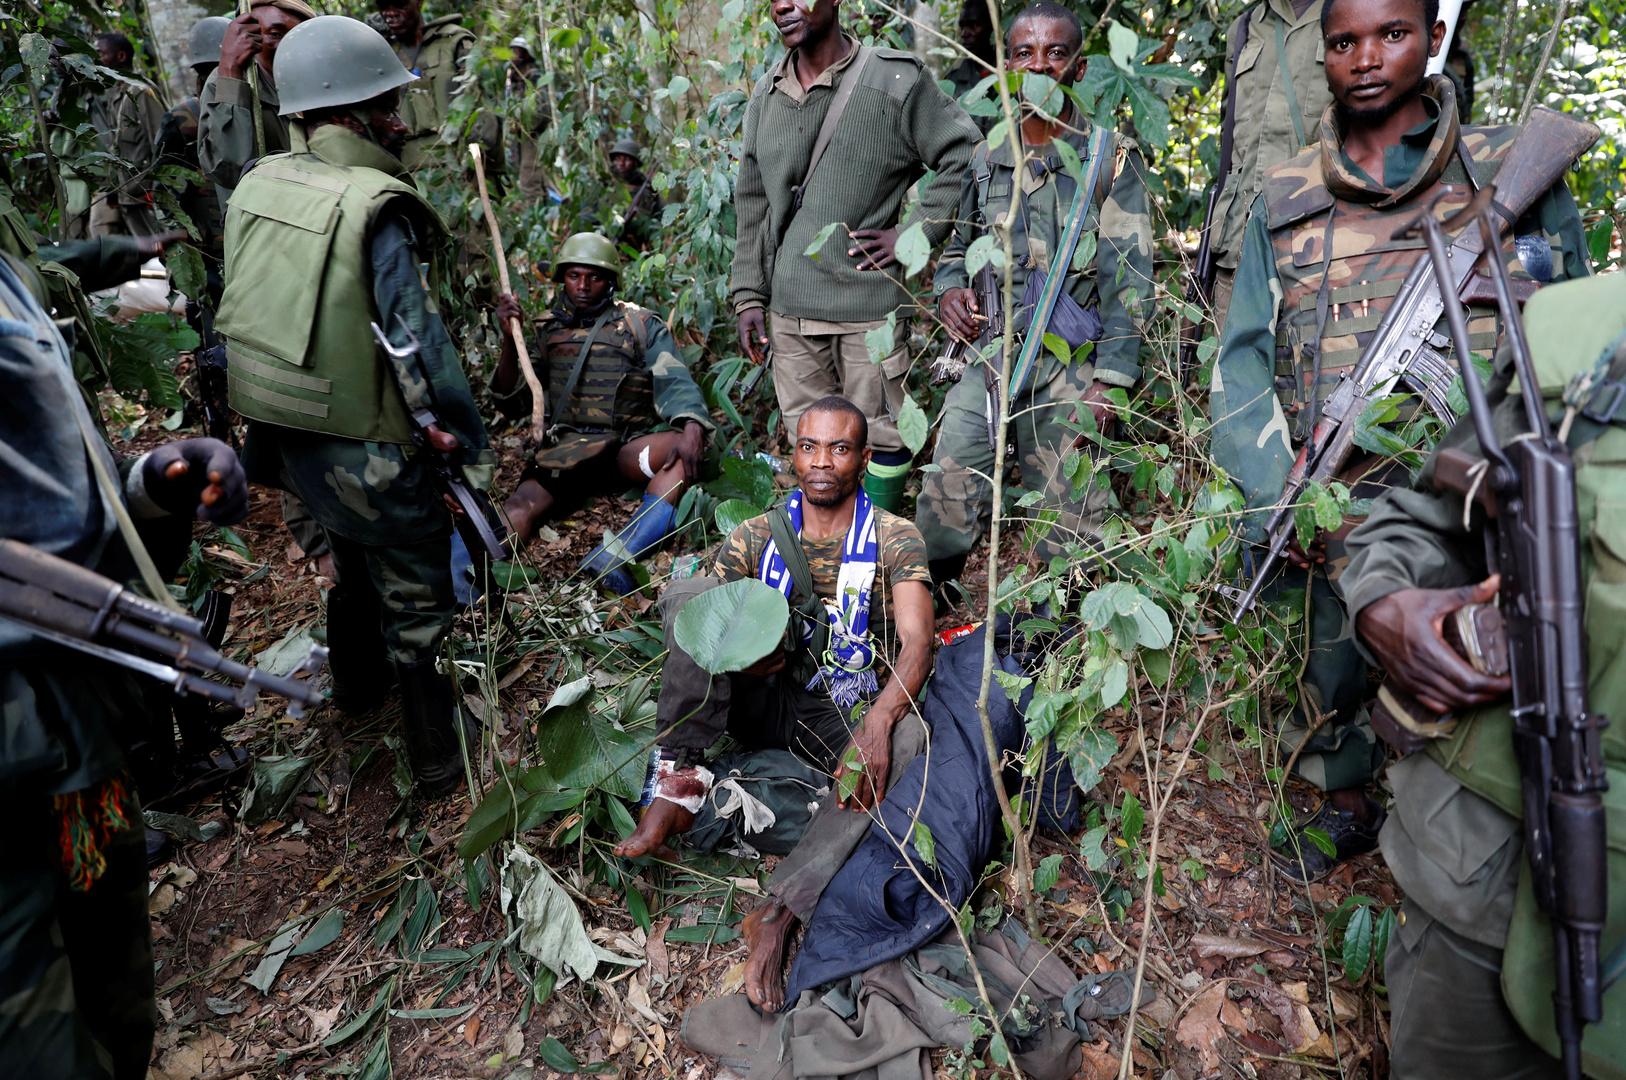 مسلحون متشددون يحررون 1300 سجين في شرق الكونغو